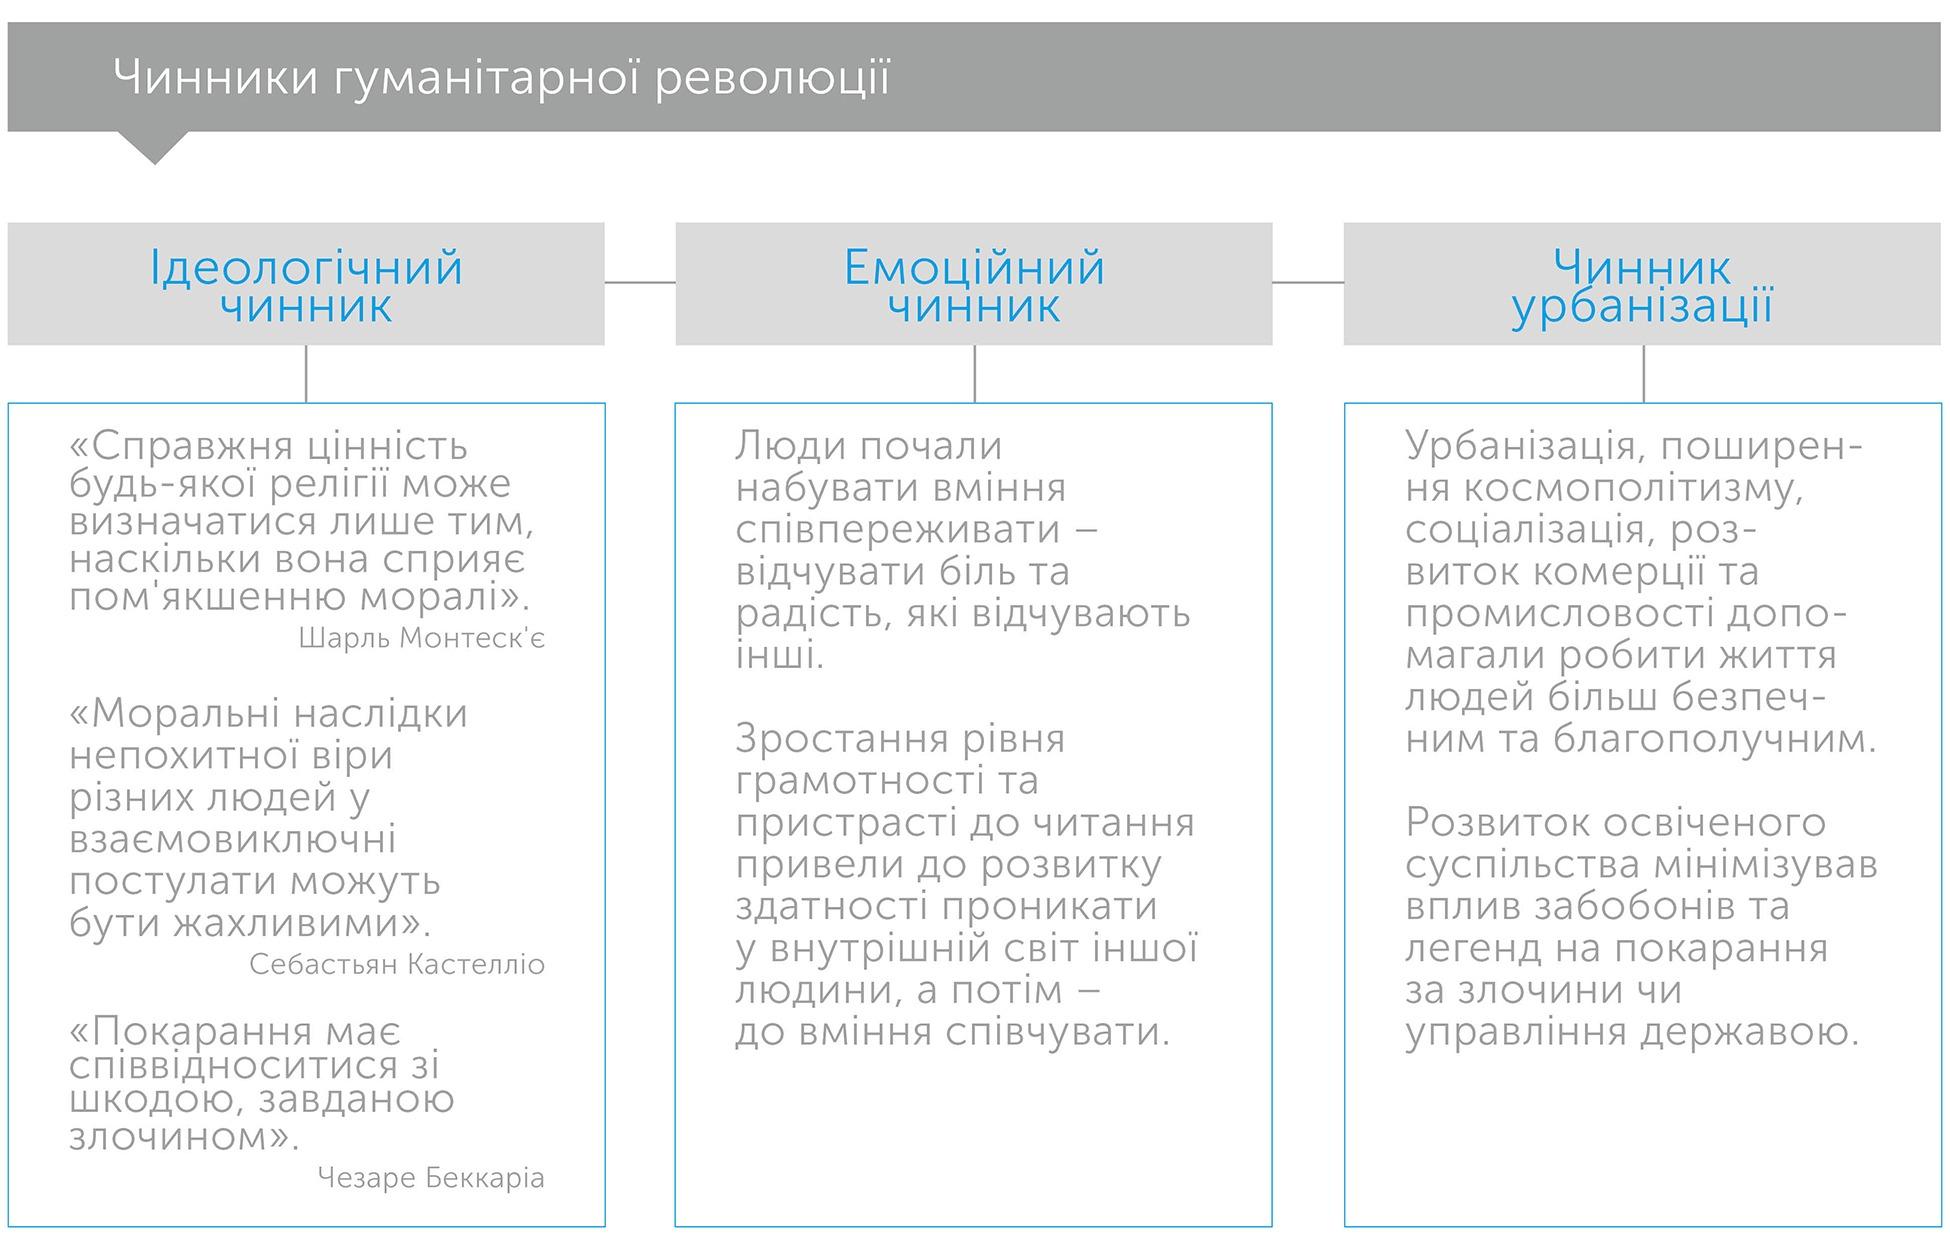 Найкраще в нас. Чому насильства стає менше, автор Стівен Пінкер   Kyivstar Business Hub, зображення №3